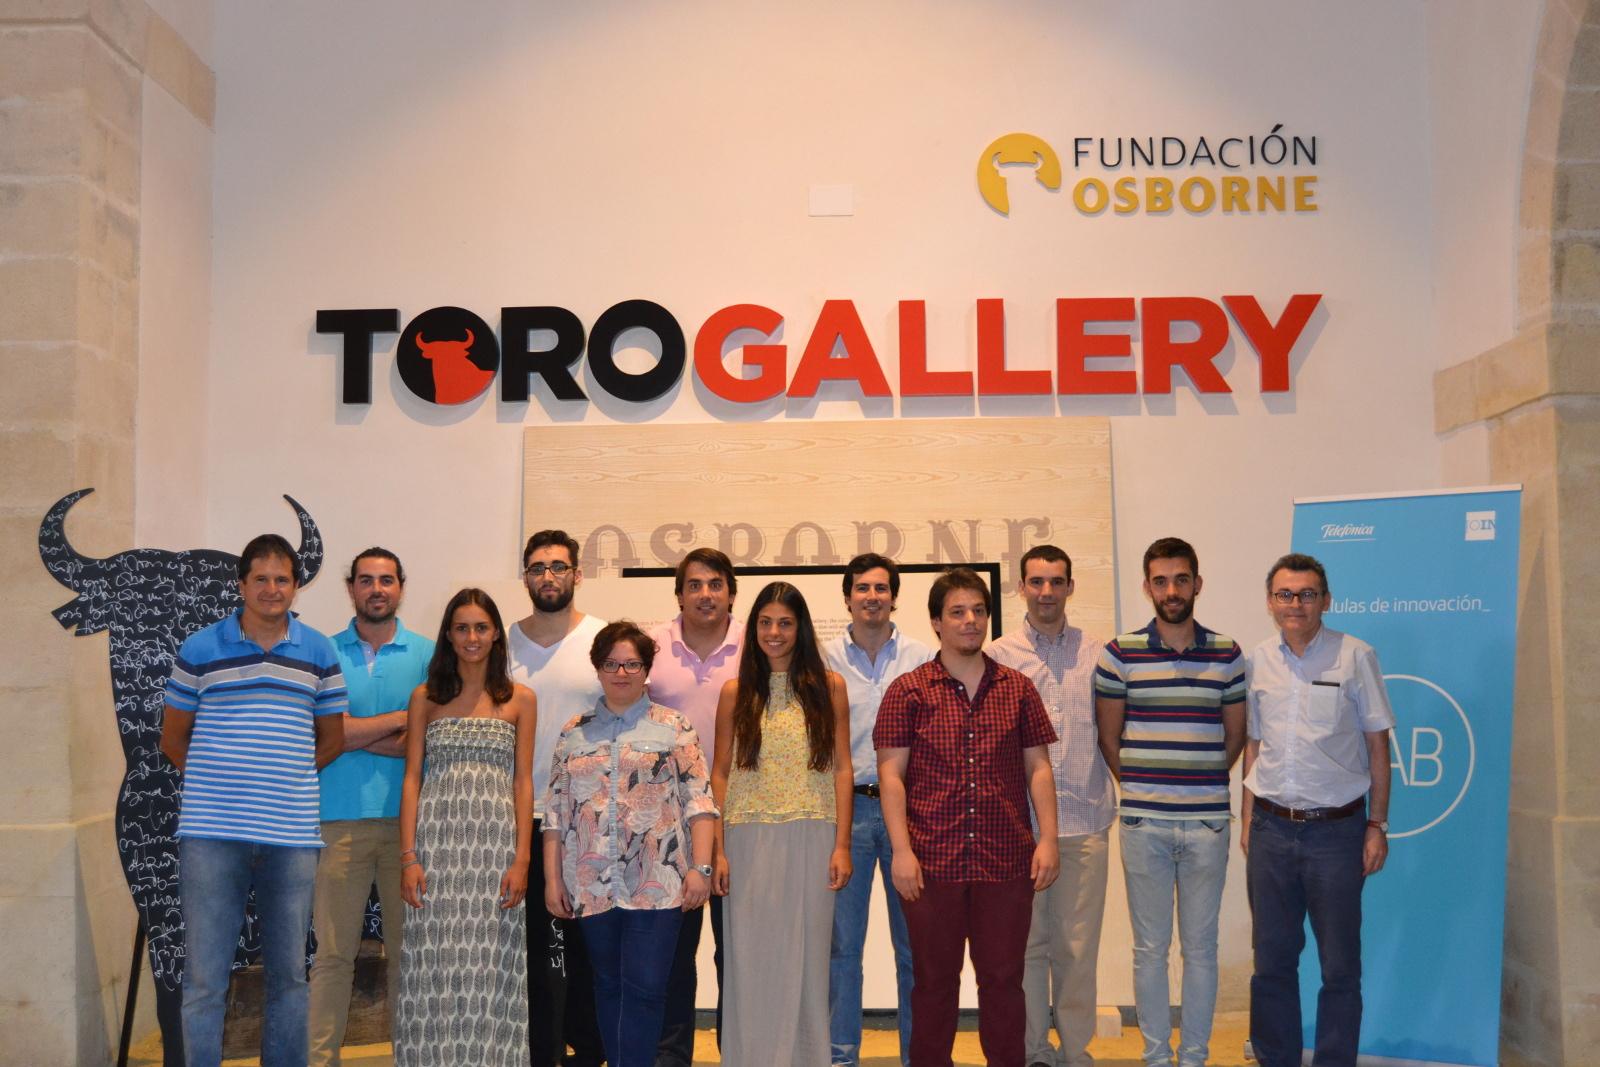 Foto de grupo de los alumnos y sus tutores en Toro Gallery, en El Puerto de Santa María